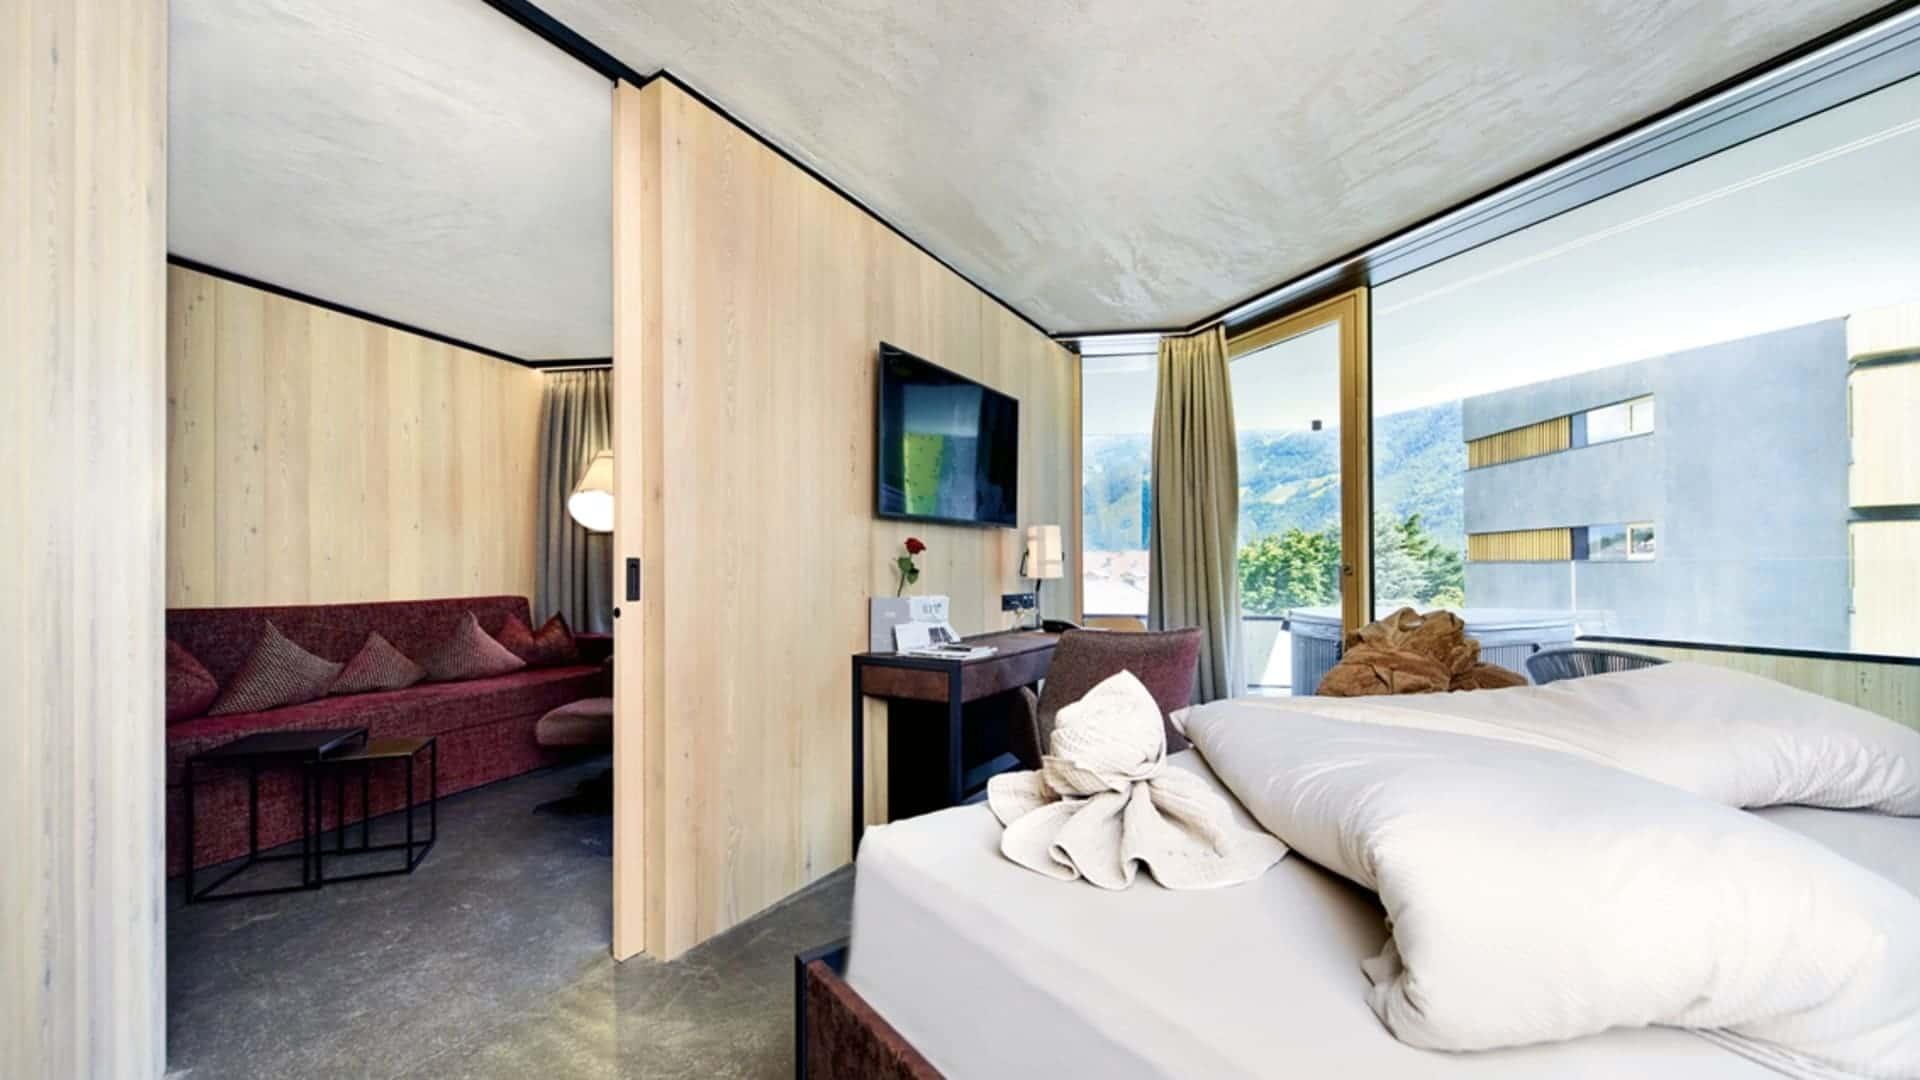 Zimmer im Lindenhof Designhotel - Meran, Südtirol